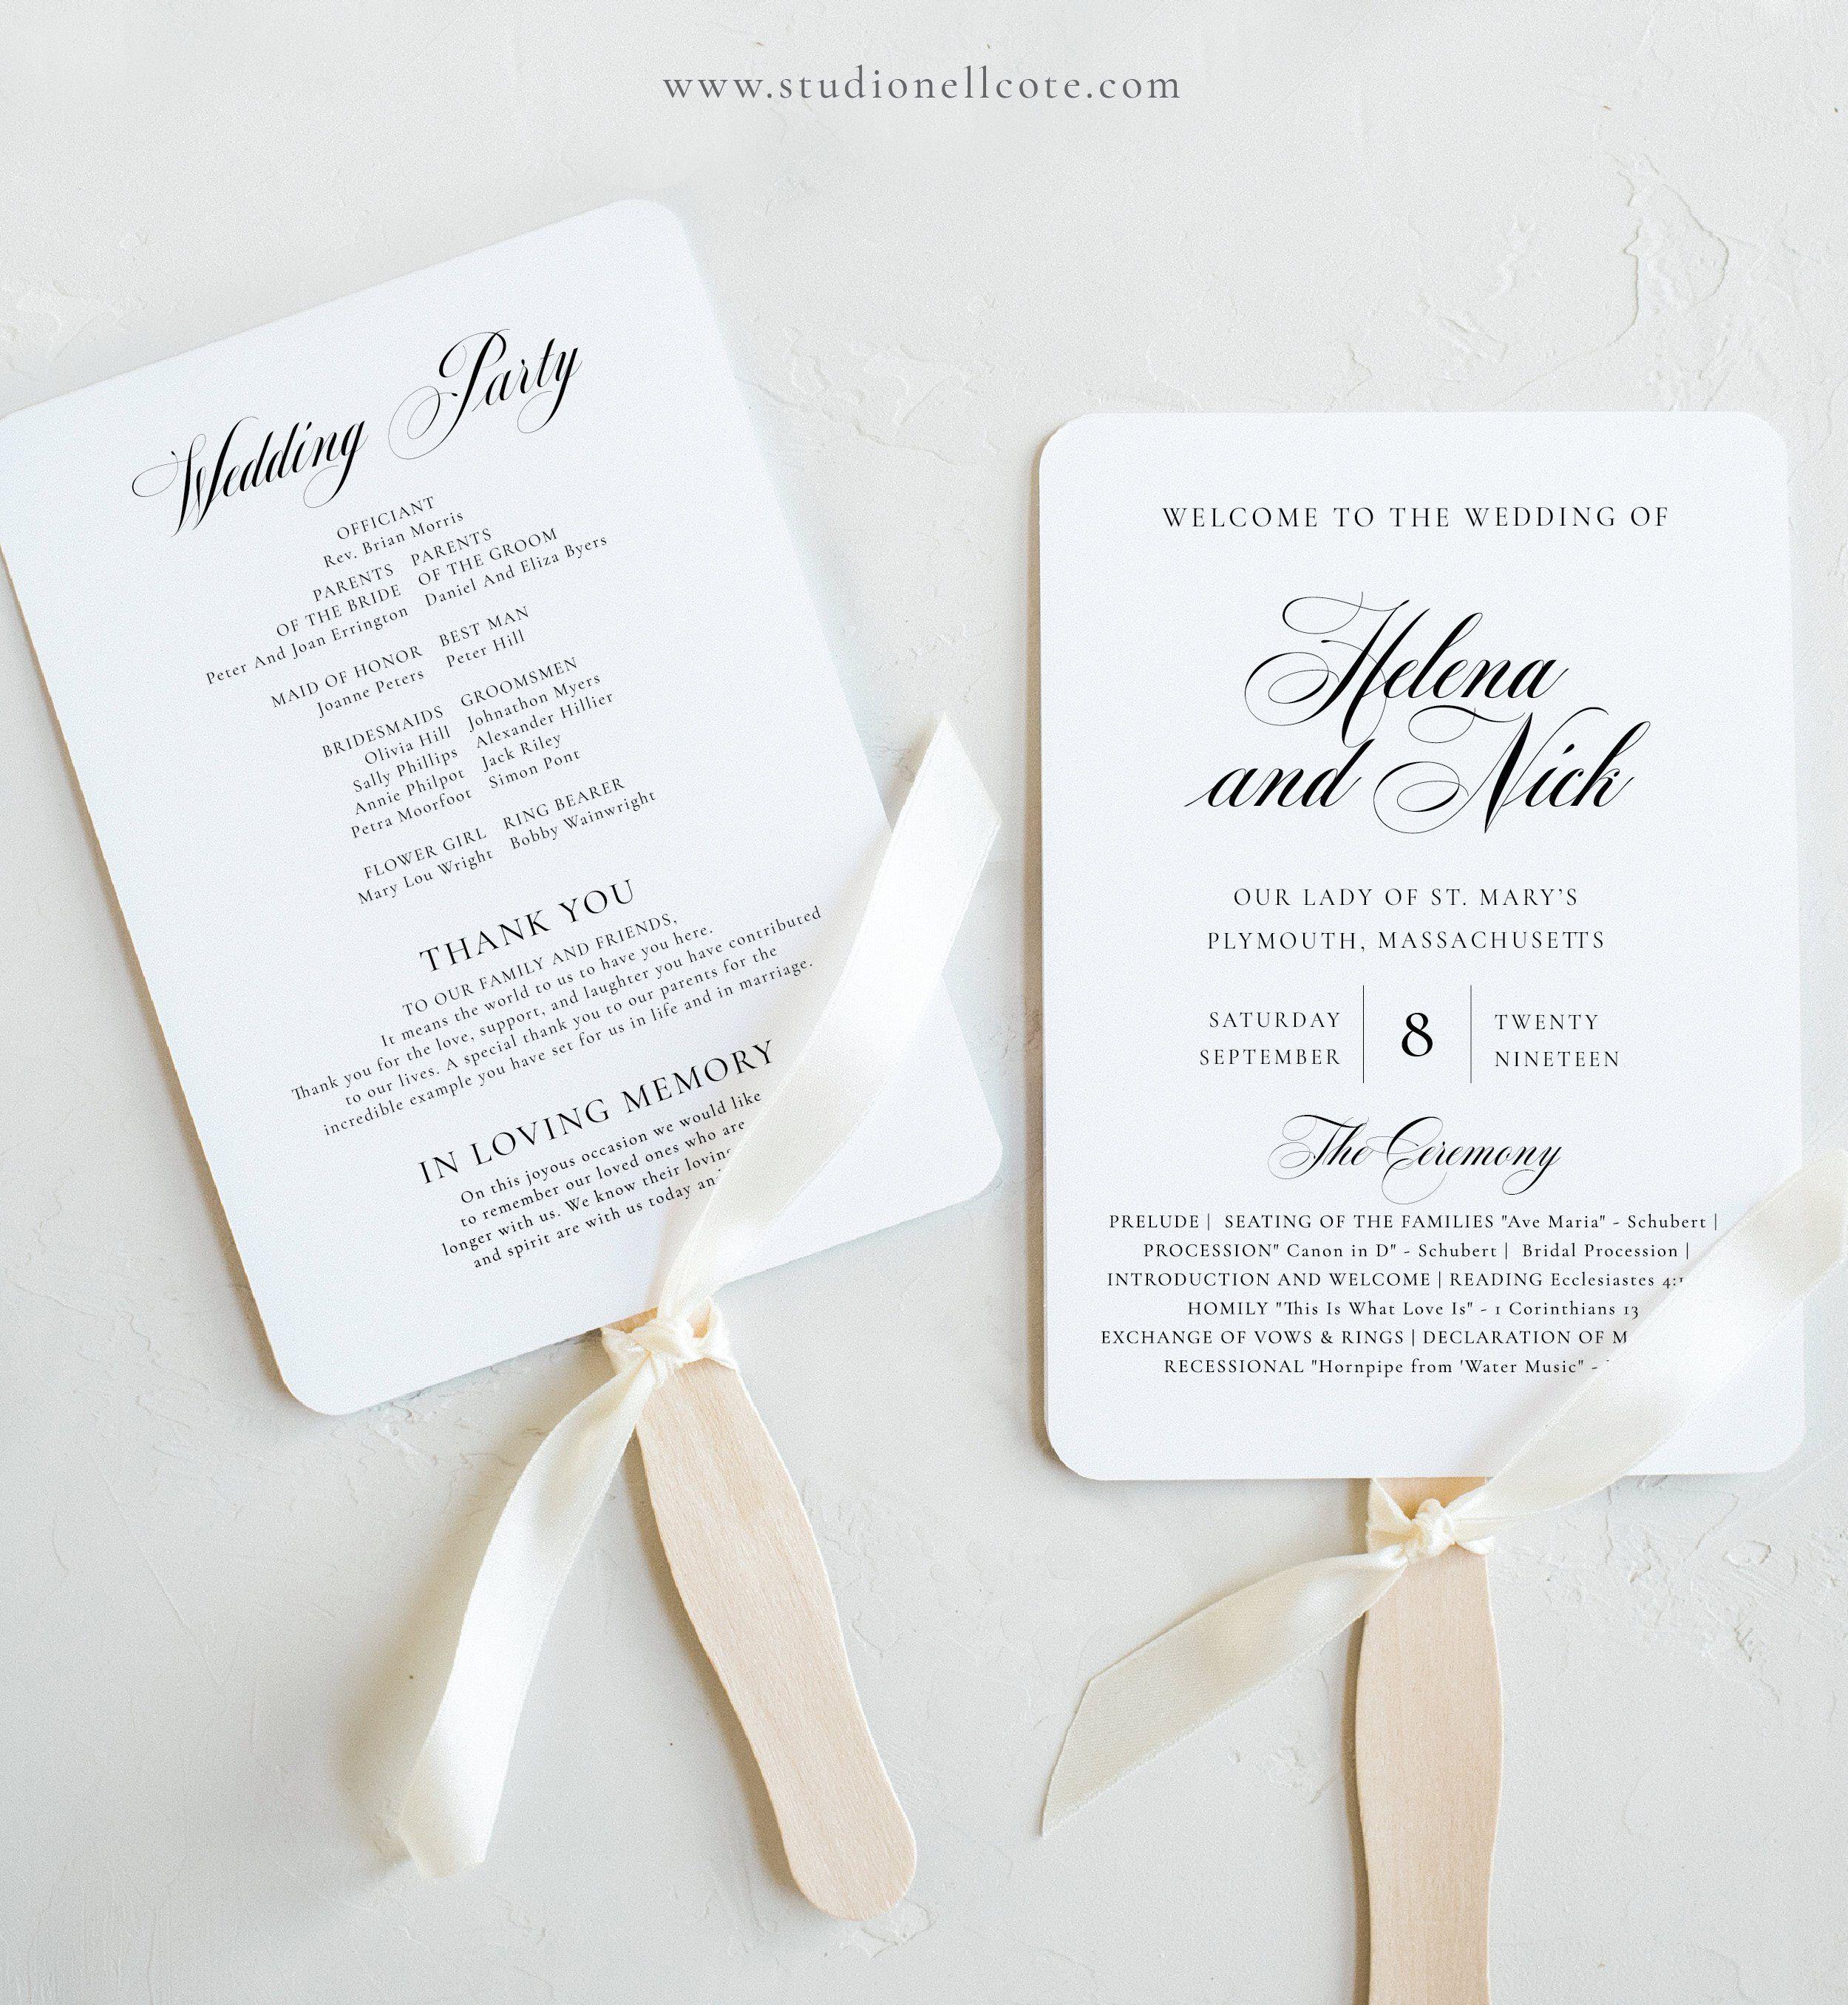 Wedding Program Fan Ceremony Program Fan Order Of Service Calligraphy Fan Program 100 Editable Te Wedding Program Fans Printable Wedding Programs Wedding Fans